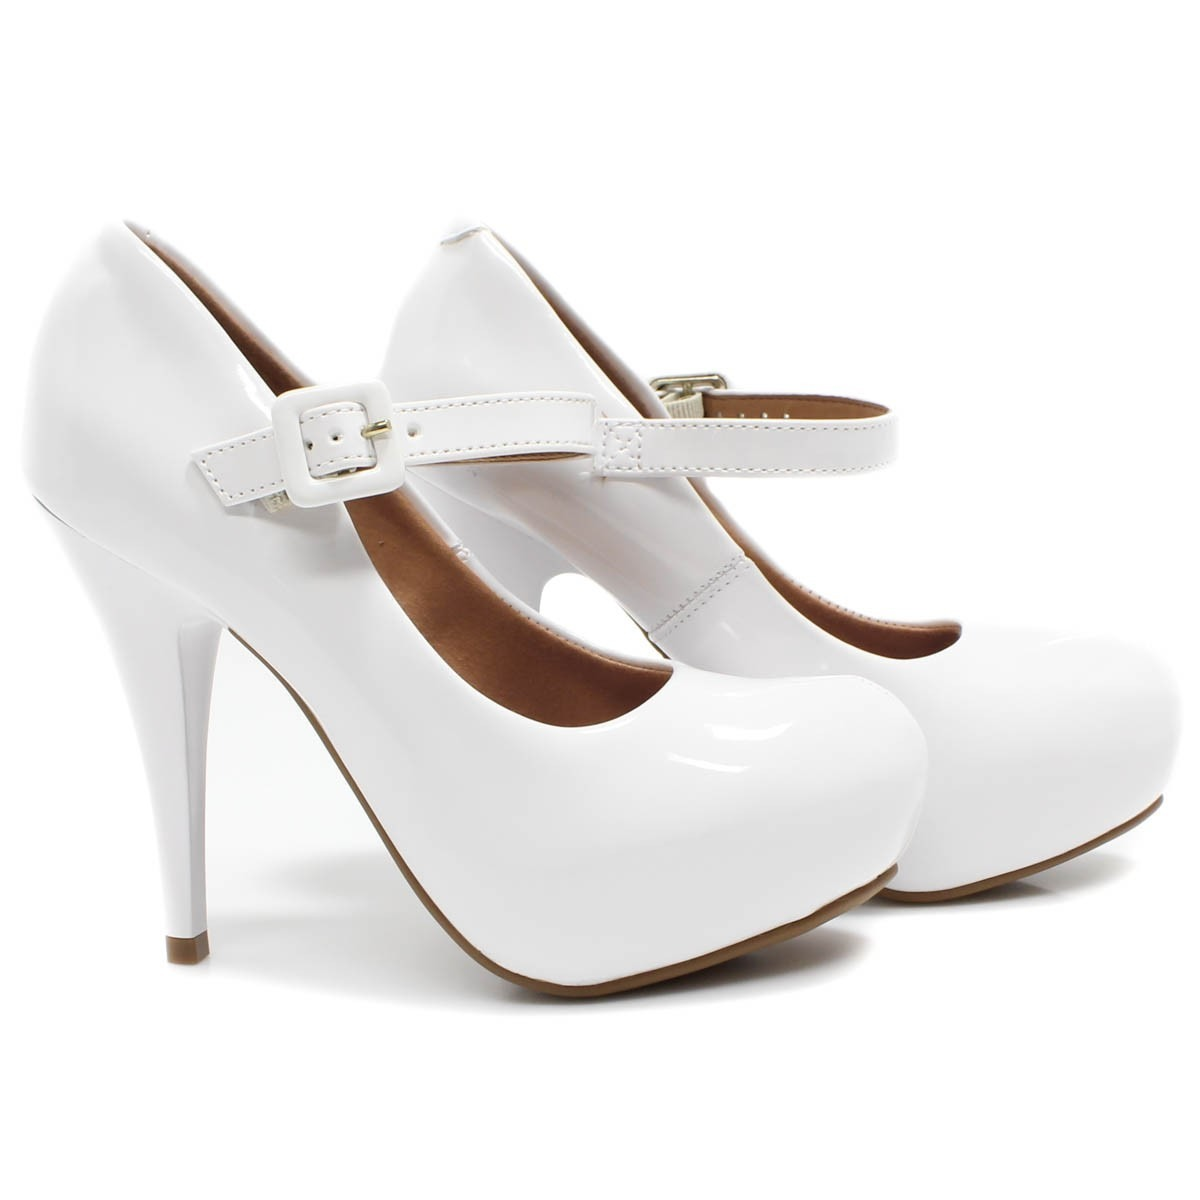 020d85e082 Sapato Scarpin Boneca Vizzano 1143.304 Maico Shoes - R  119